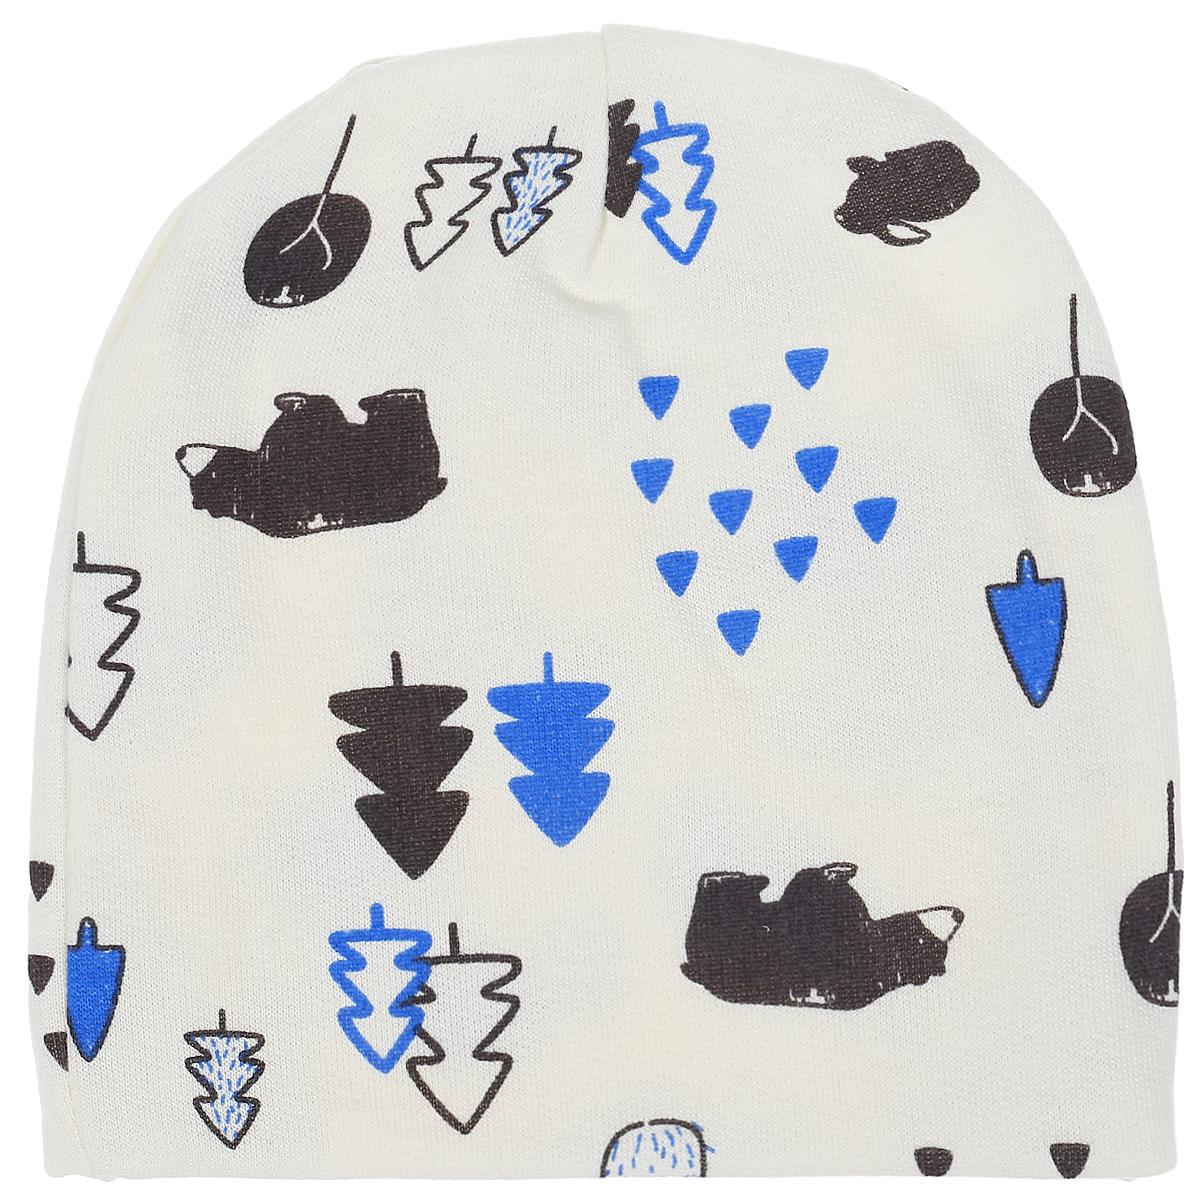 Шапочка для мальчика КотМарКот, цвет: белый, голубой. 8518. Размер 408518Комфортная шапочка КотМарКот изготовлена из натурального хлопка. Шапочка необходима любому младенцу, она защищает еще не заросший родничок, щадит чувствительный слух малыша, прикрывая ушки, а также предохраняет от теплопотери. Модель оформлена принтом.